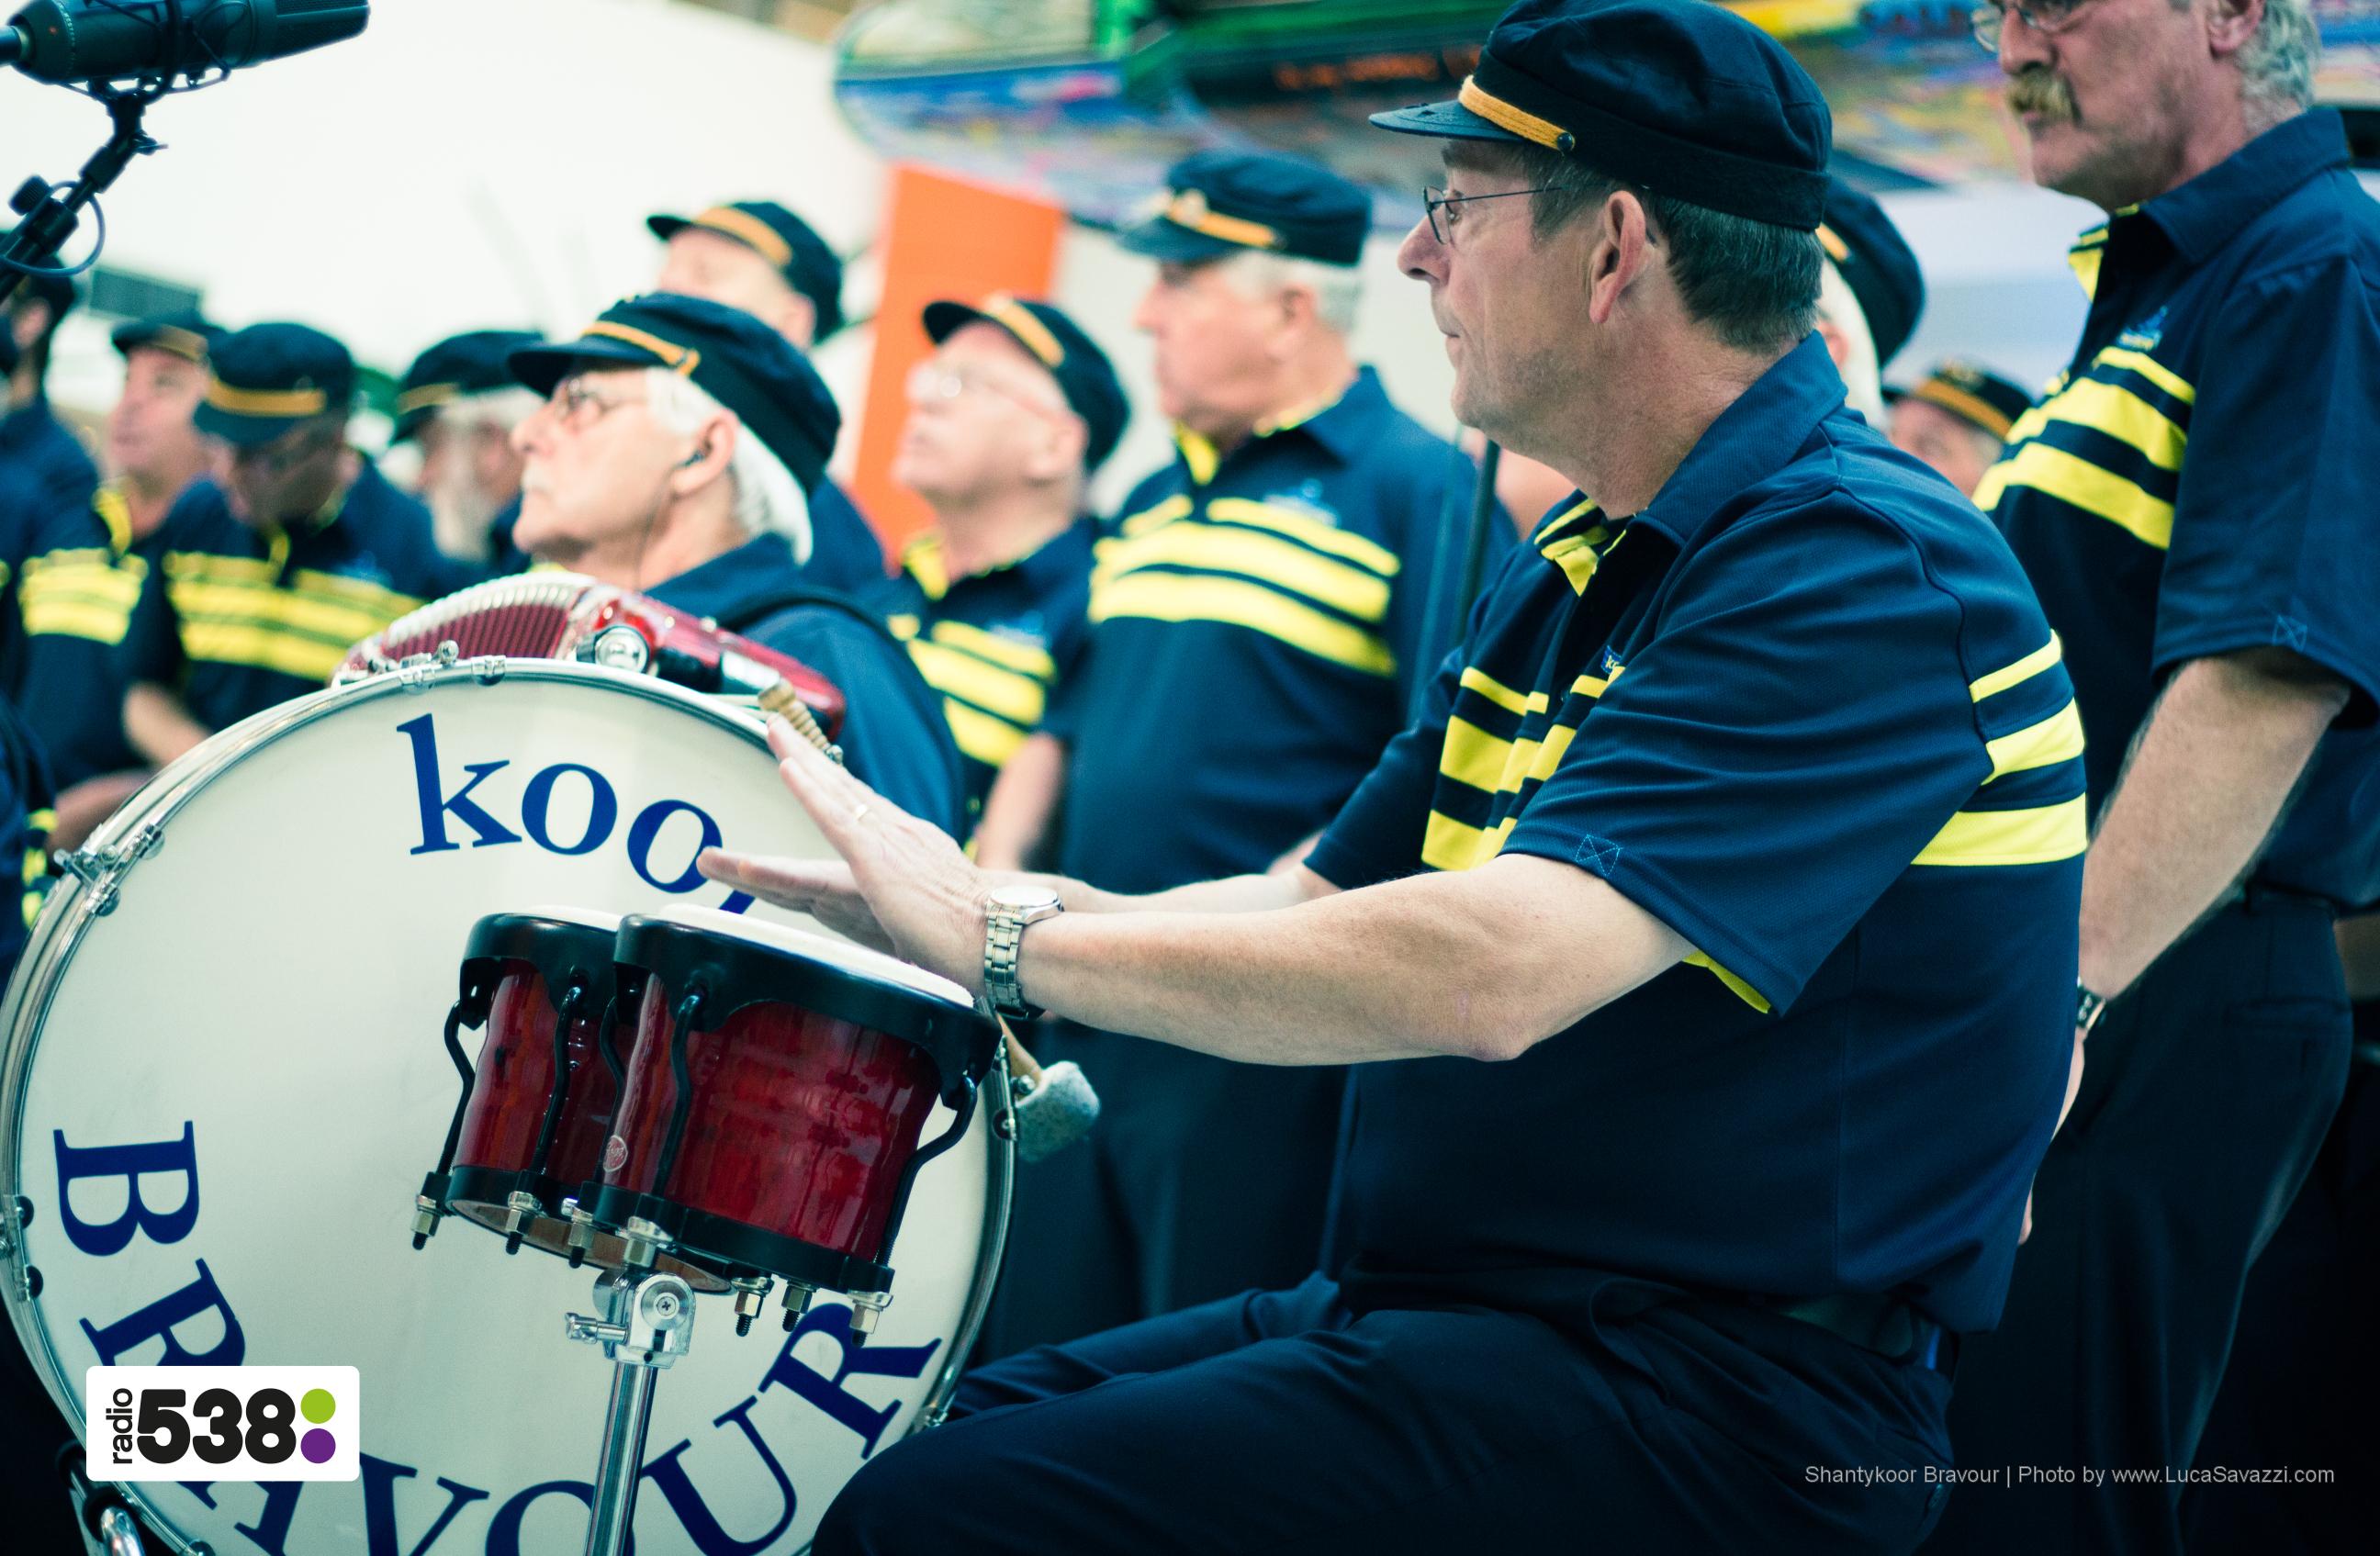 Gerard op de bongo